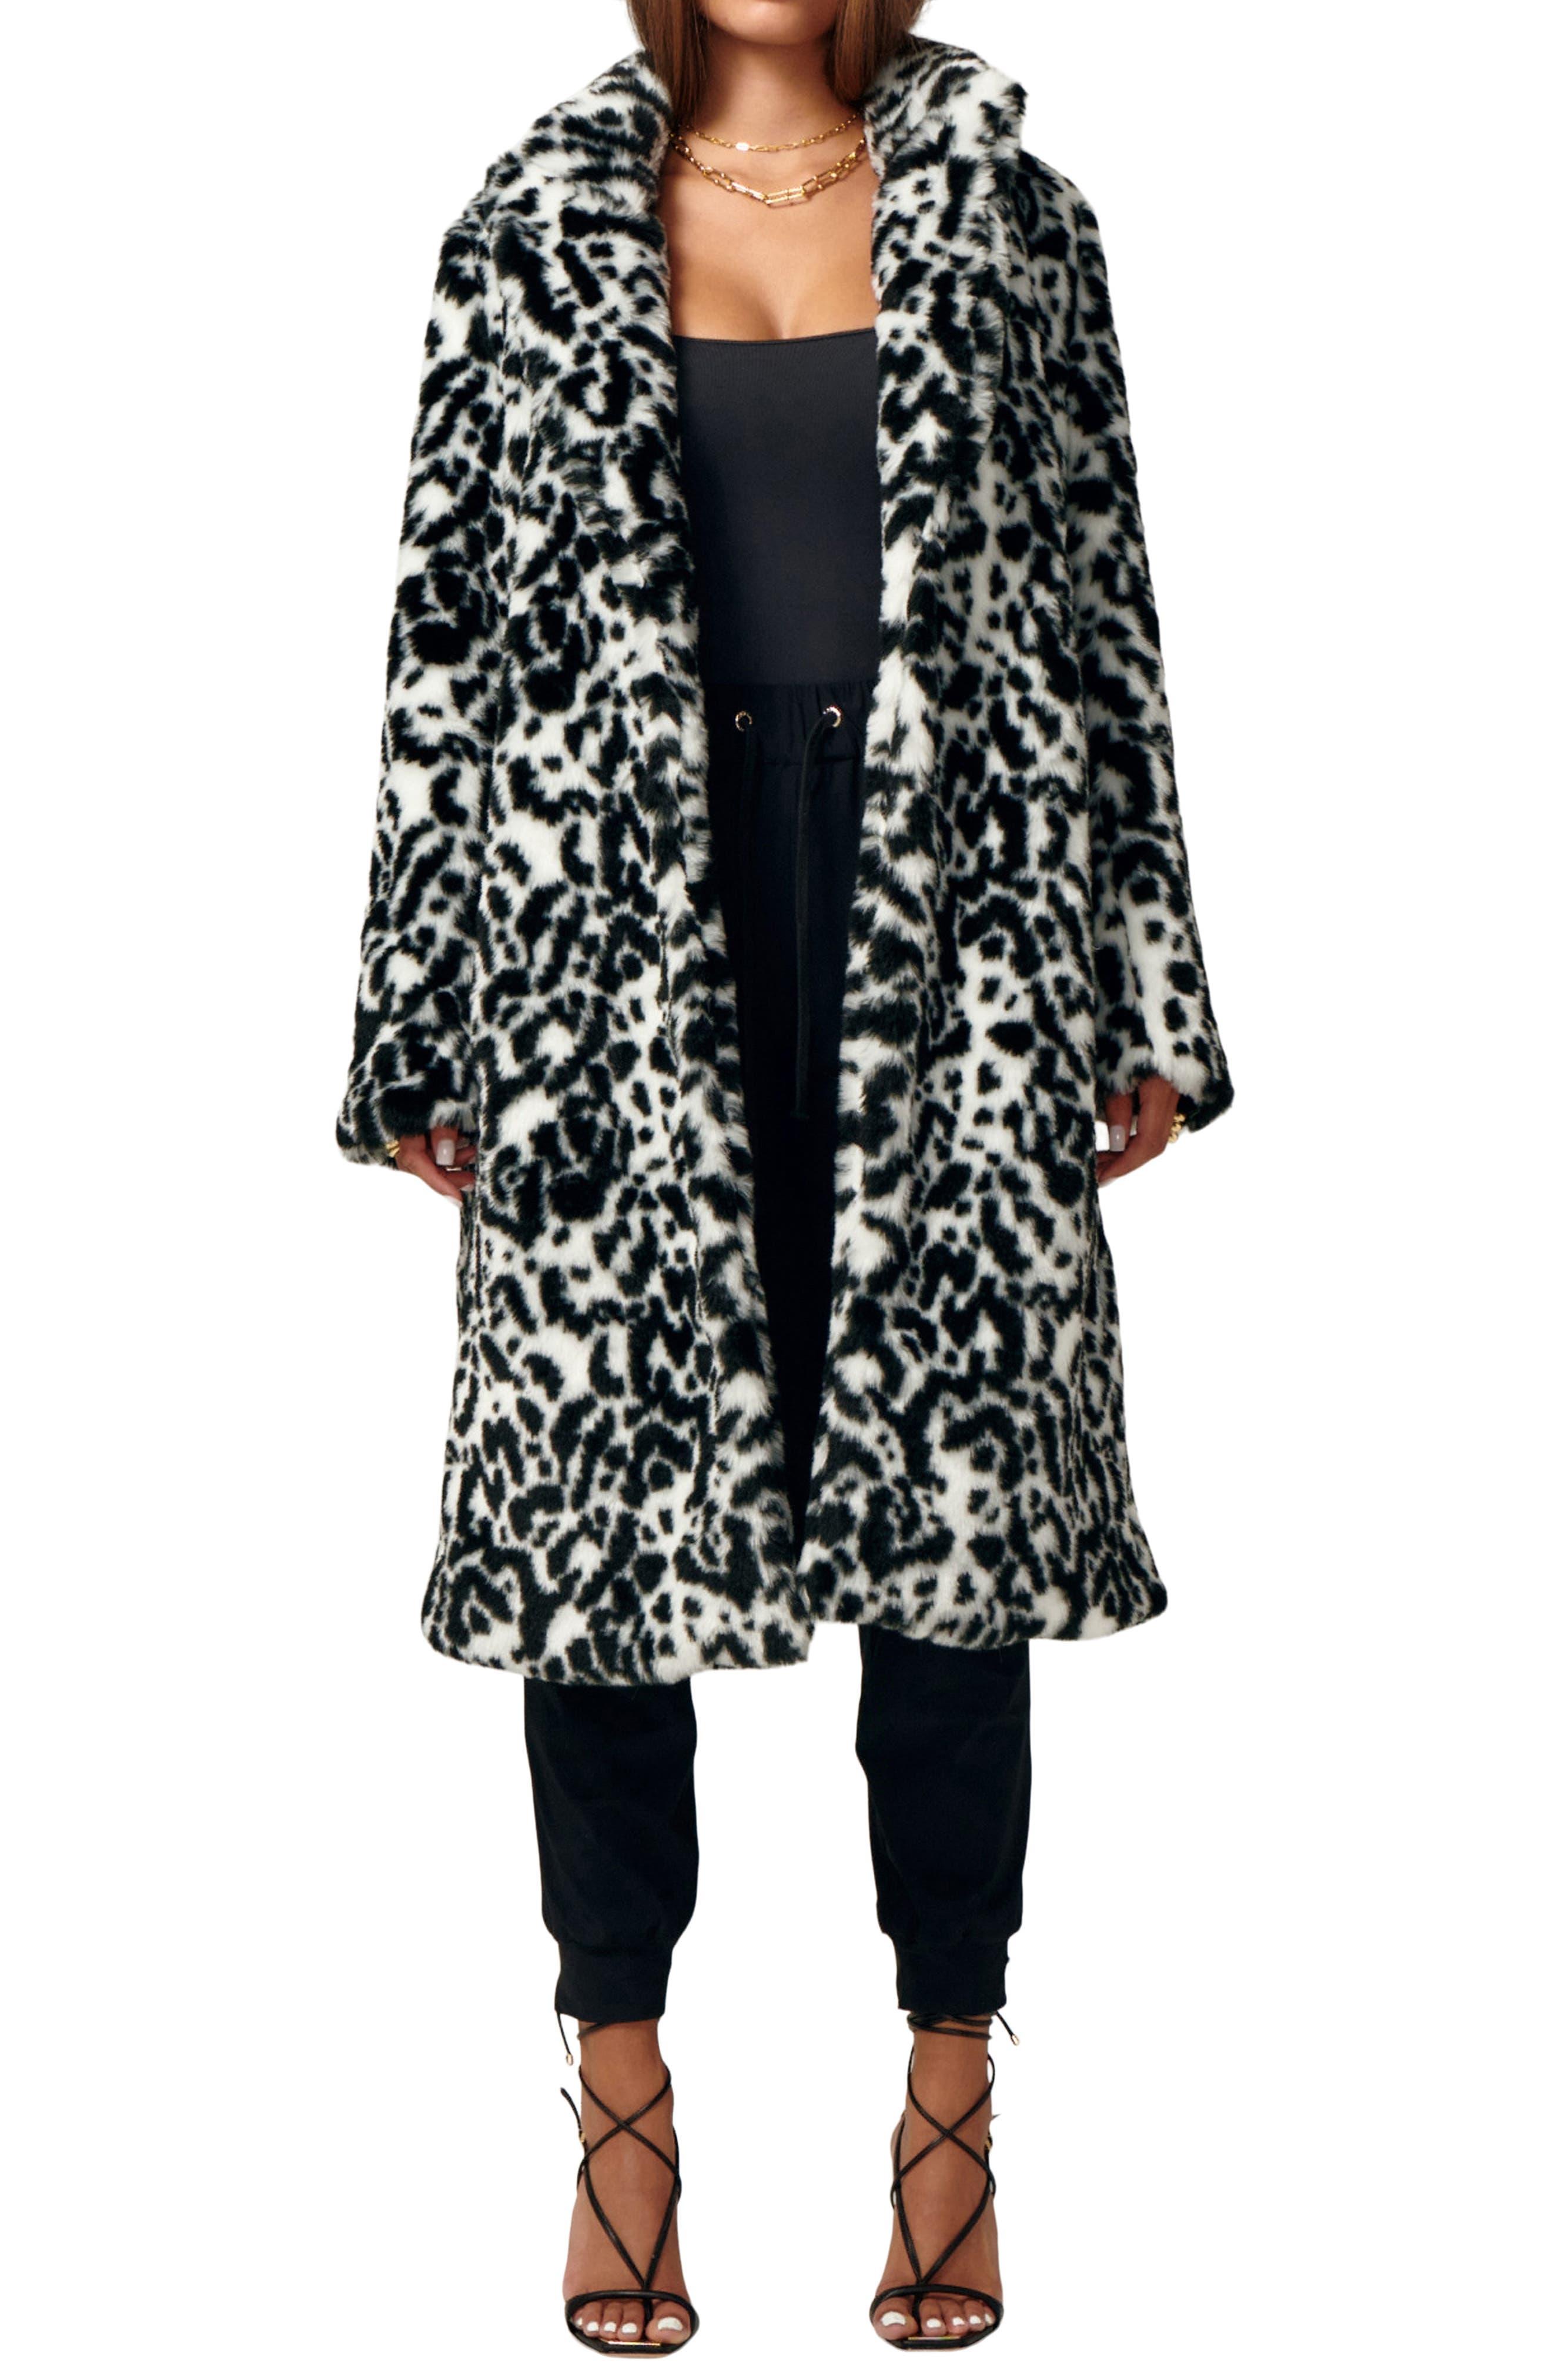 Amour Faux Fur Coat